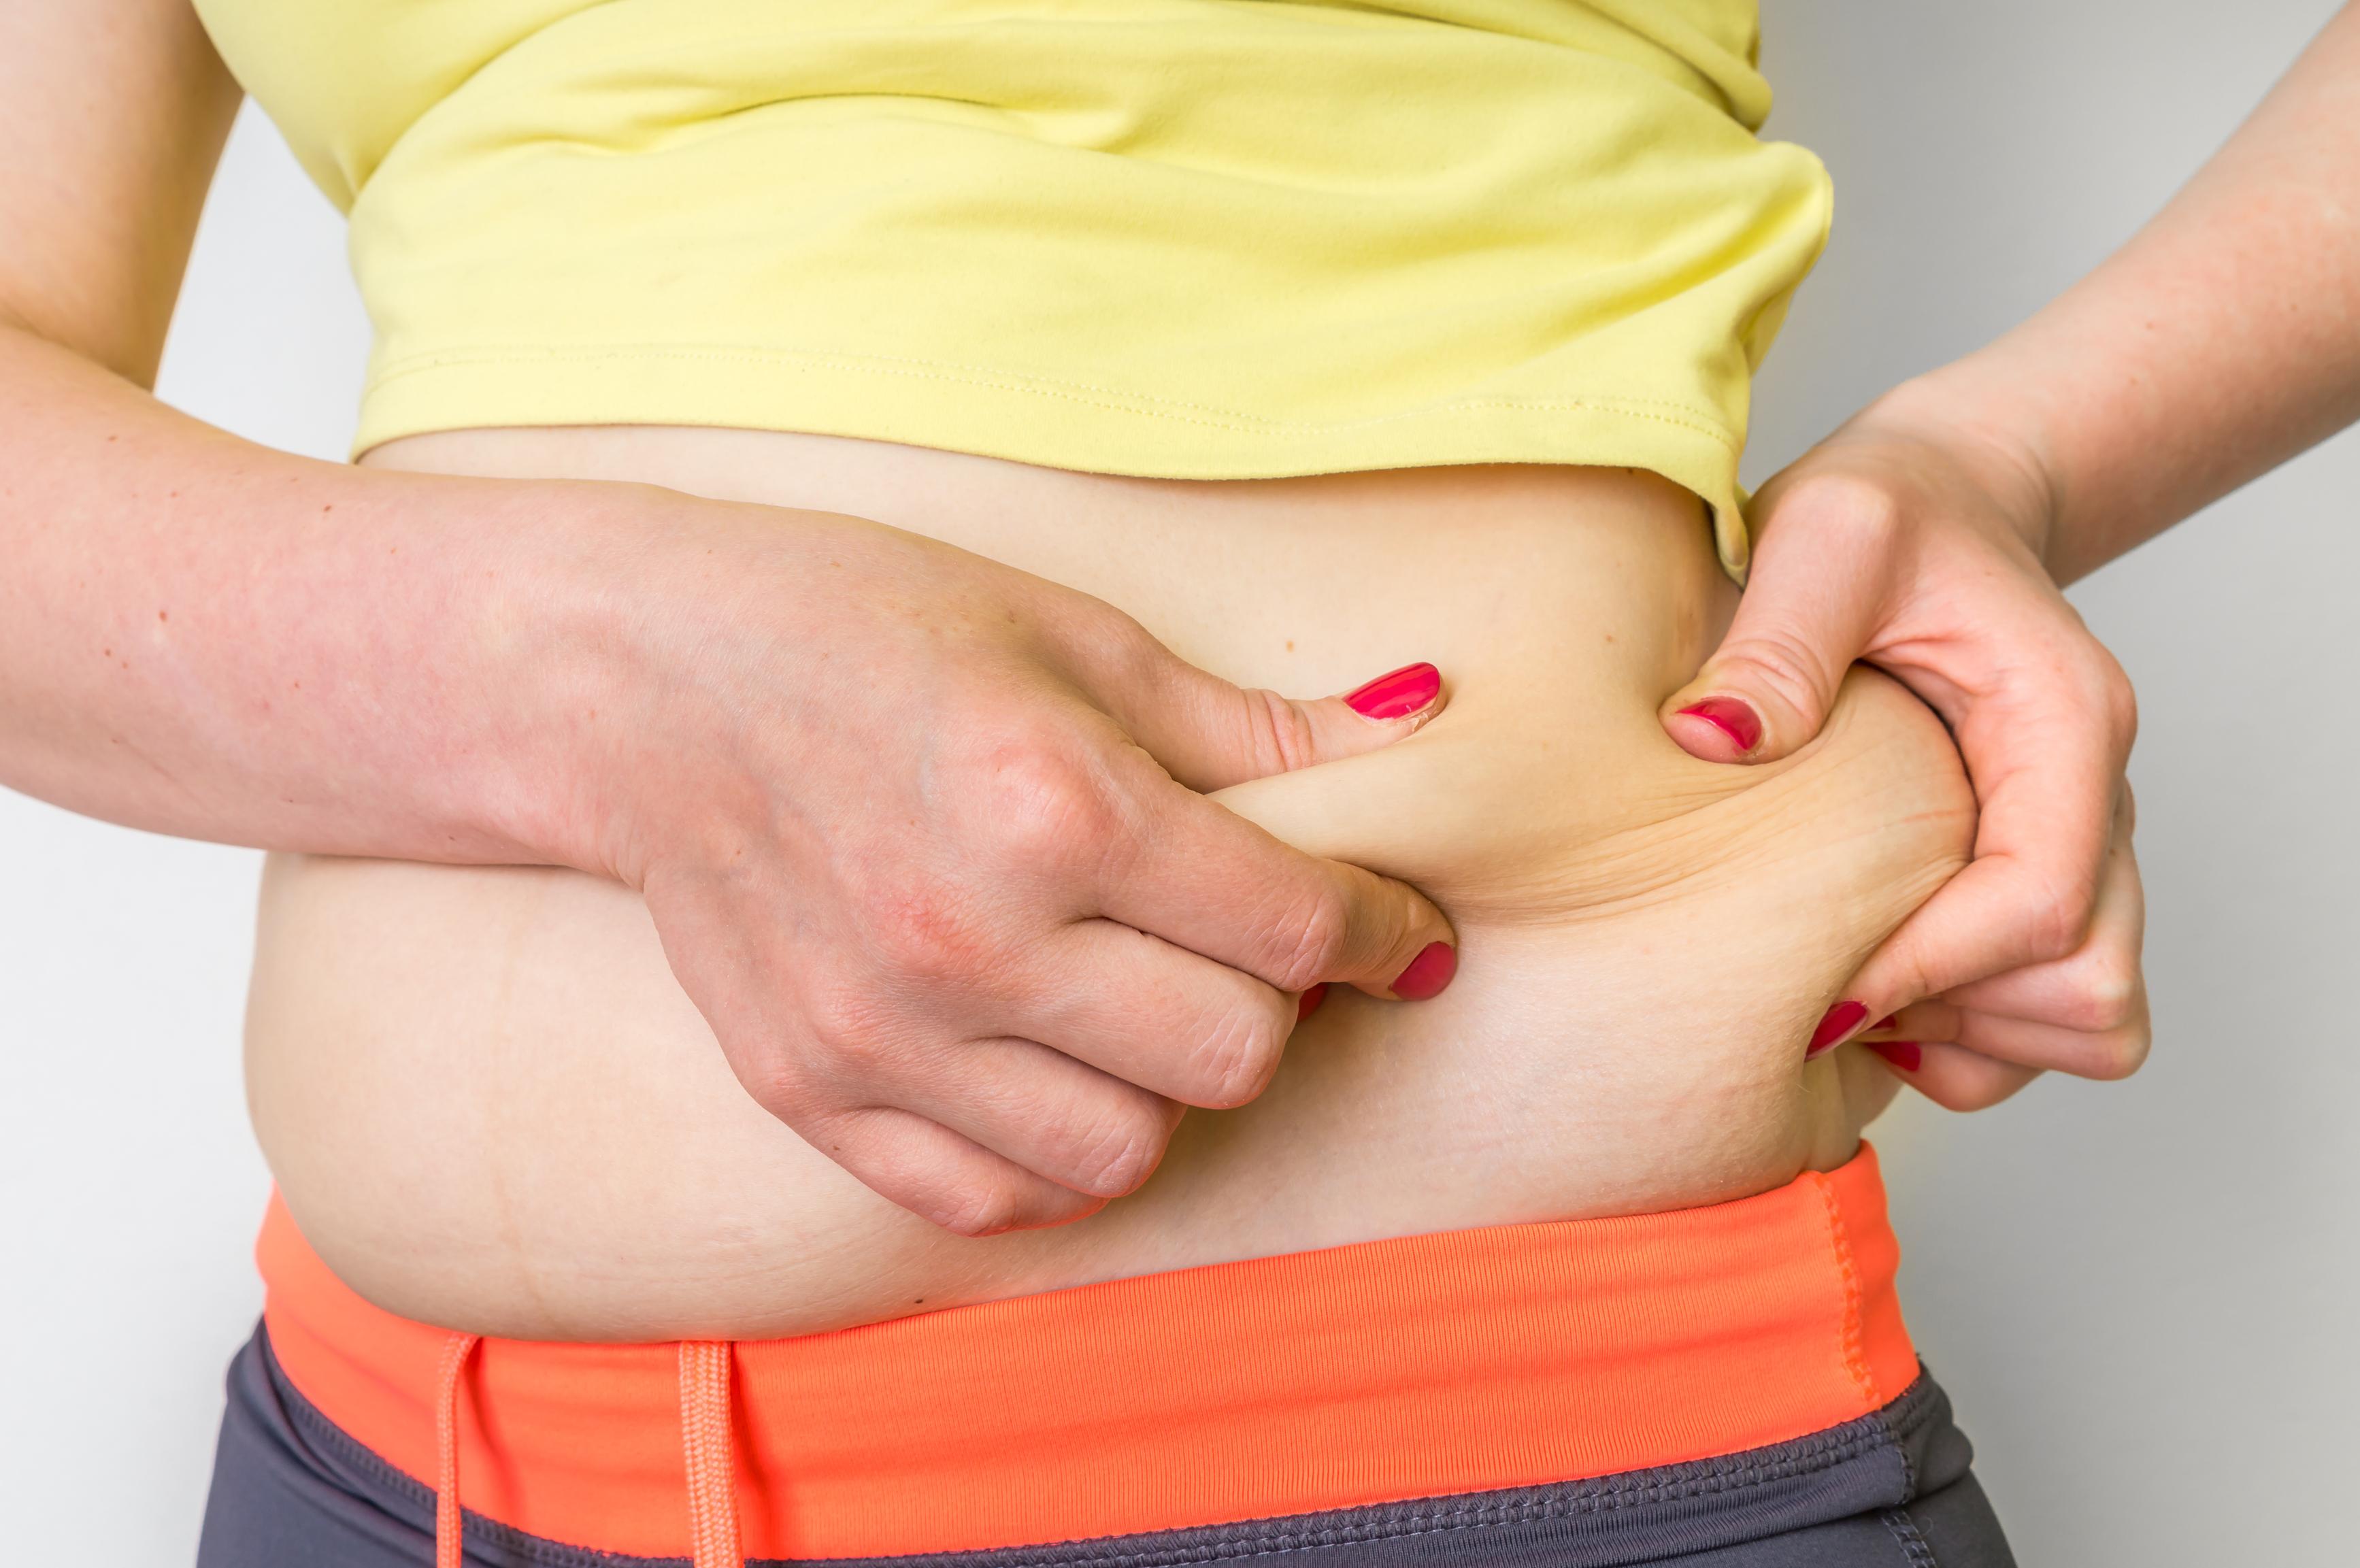 اسباب تراكم الدهون